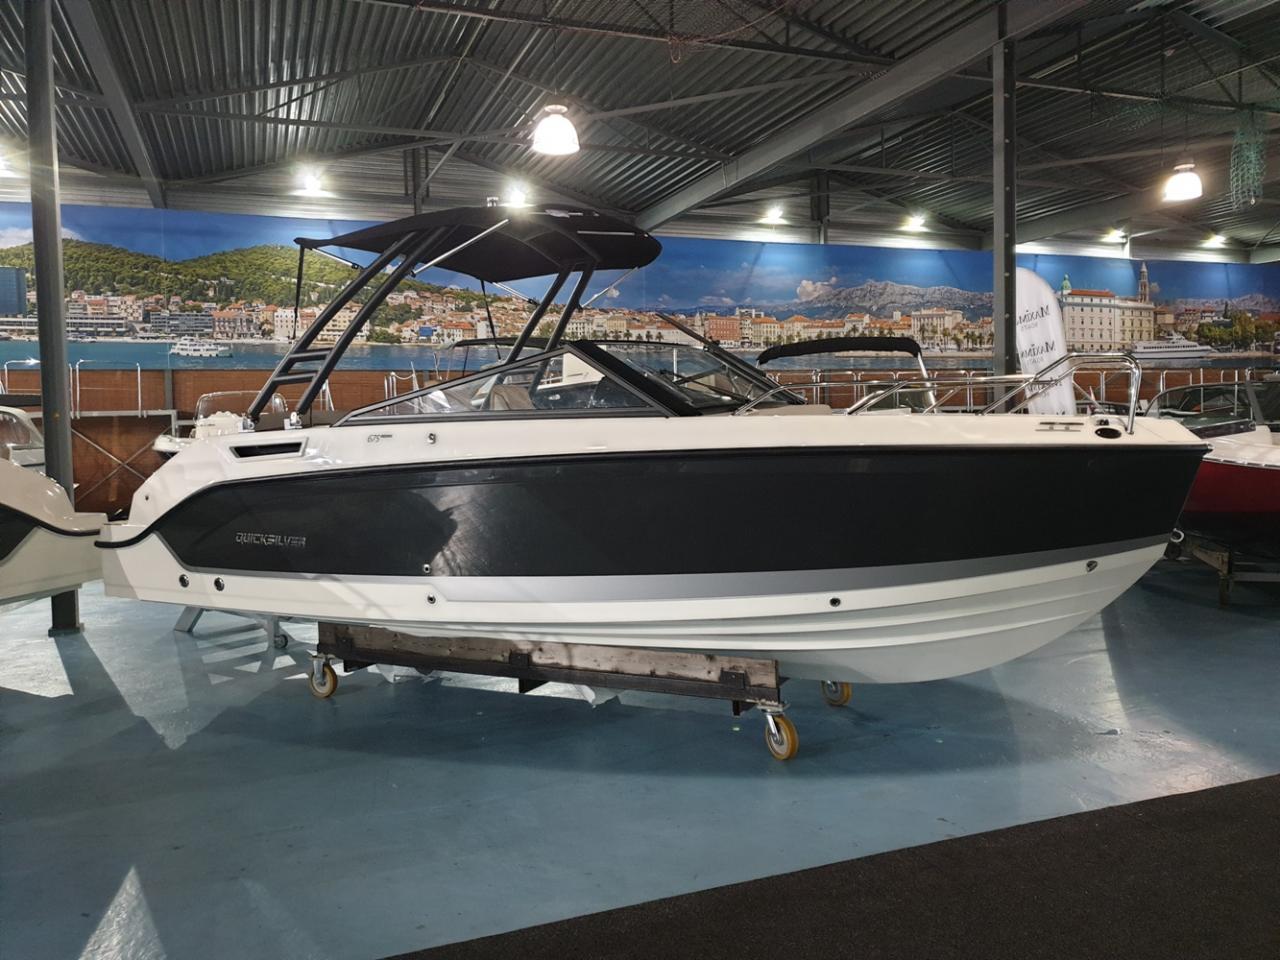 Quicksilver 675 Bowrider met Mercury Verado 225 pk 2